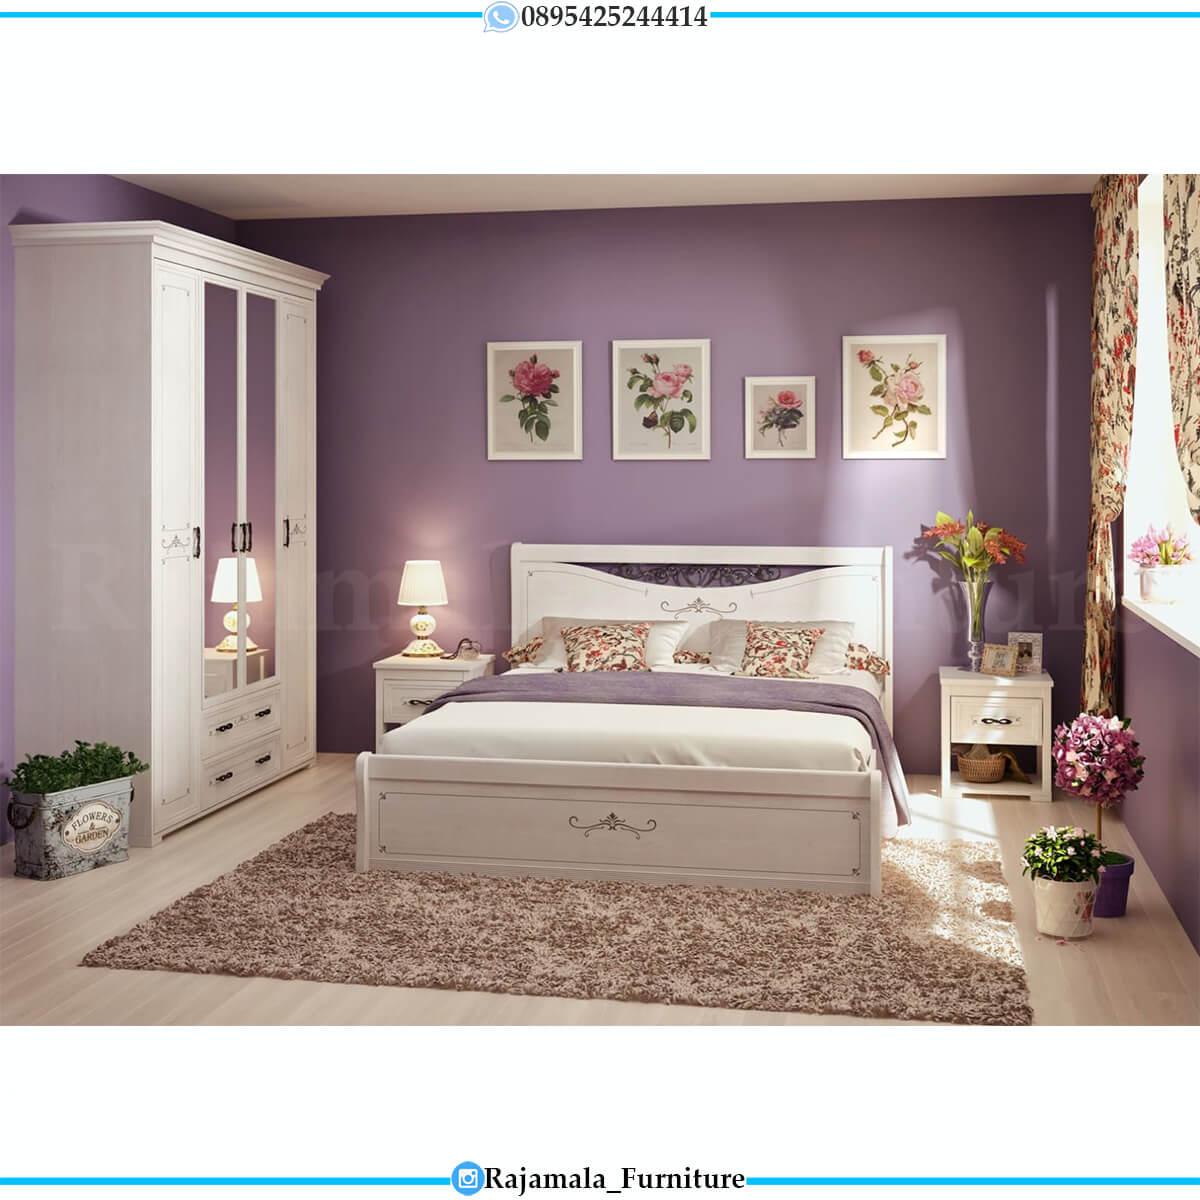 Jual Tempat Tidur Minimalis Art Duco Excellent Color RM-0695